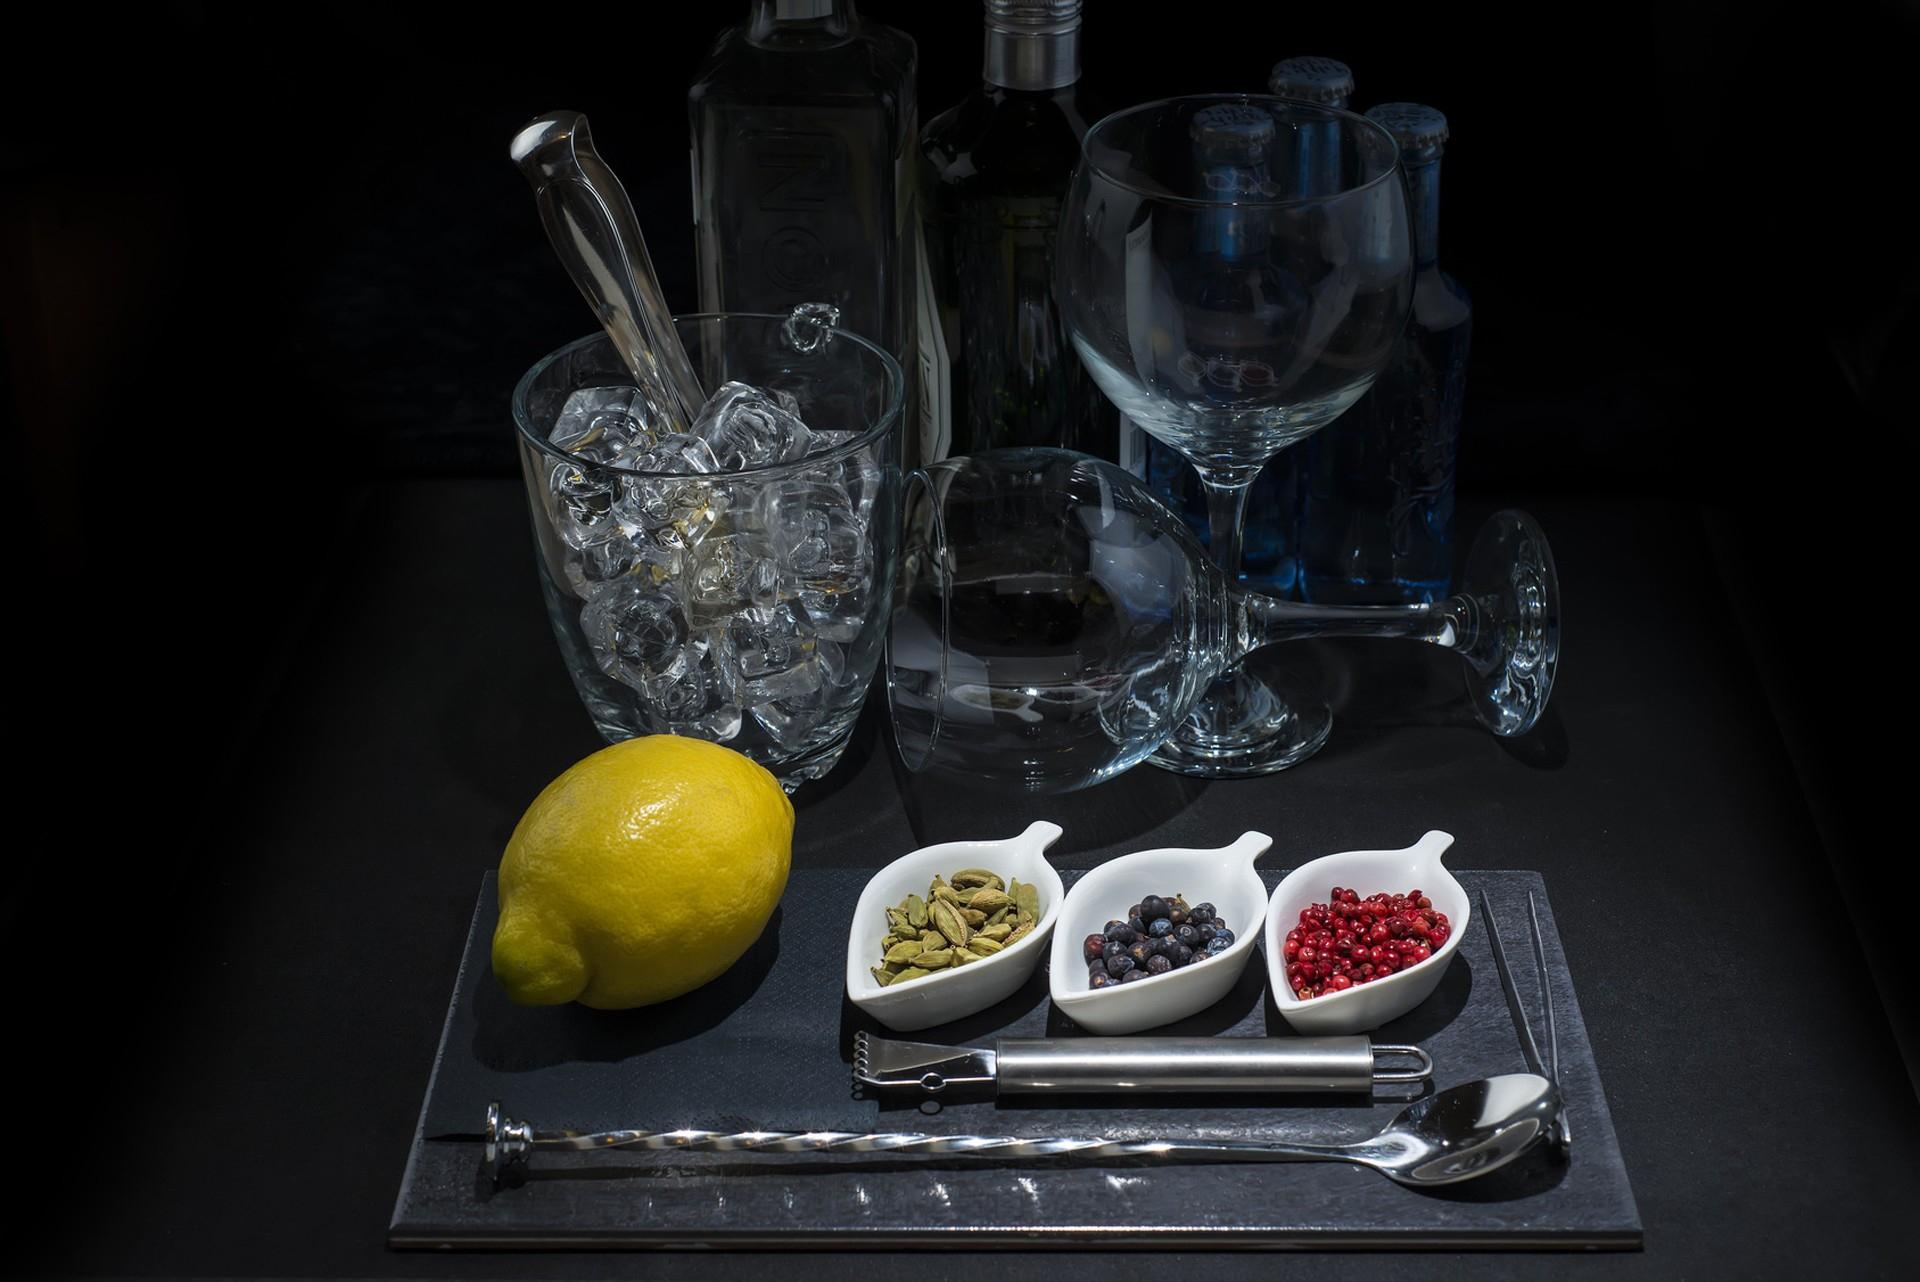 Gin And Tonic Photos